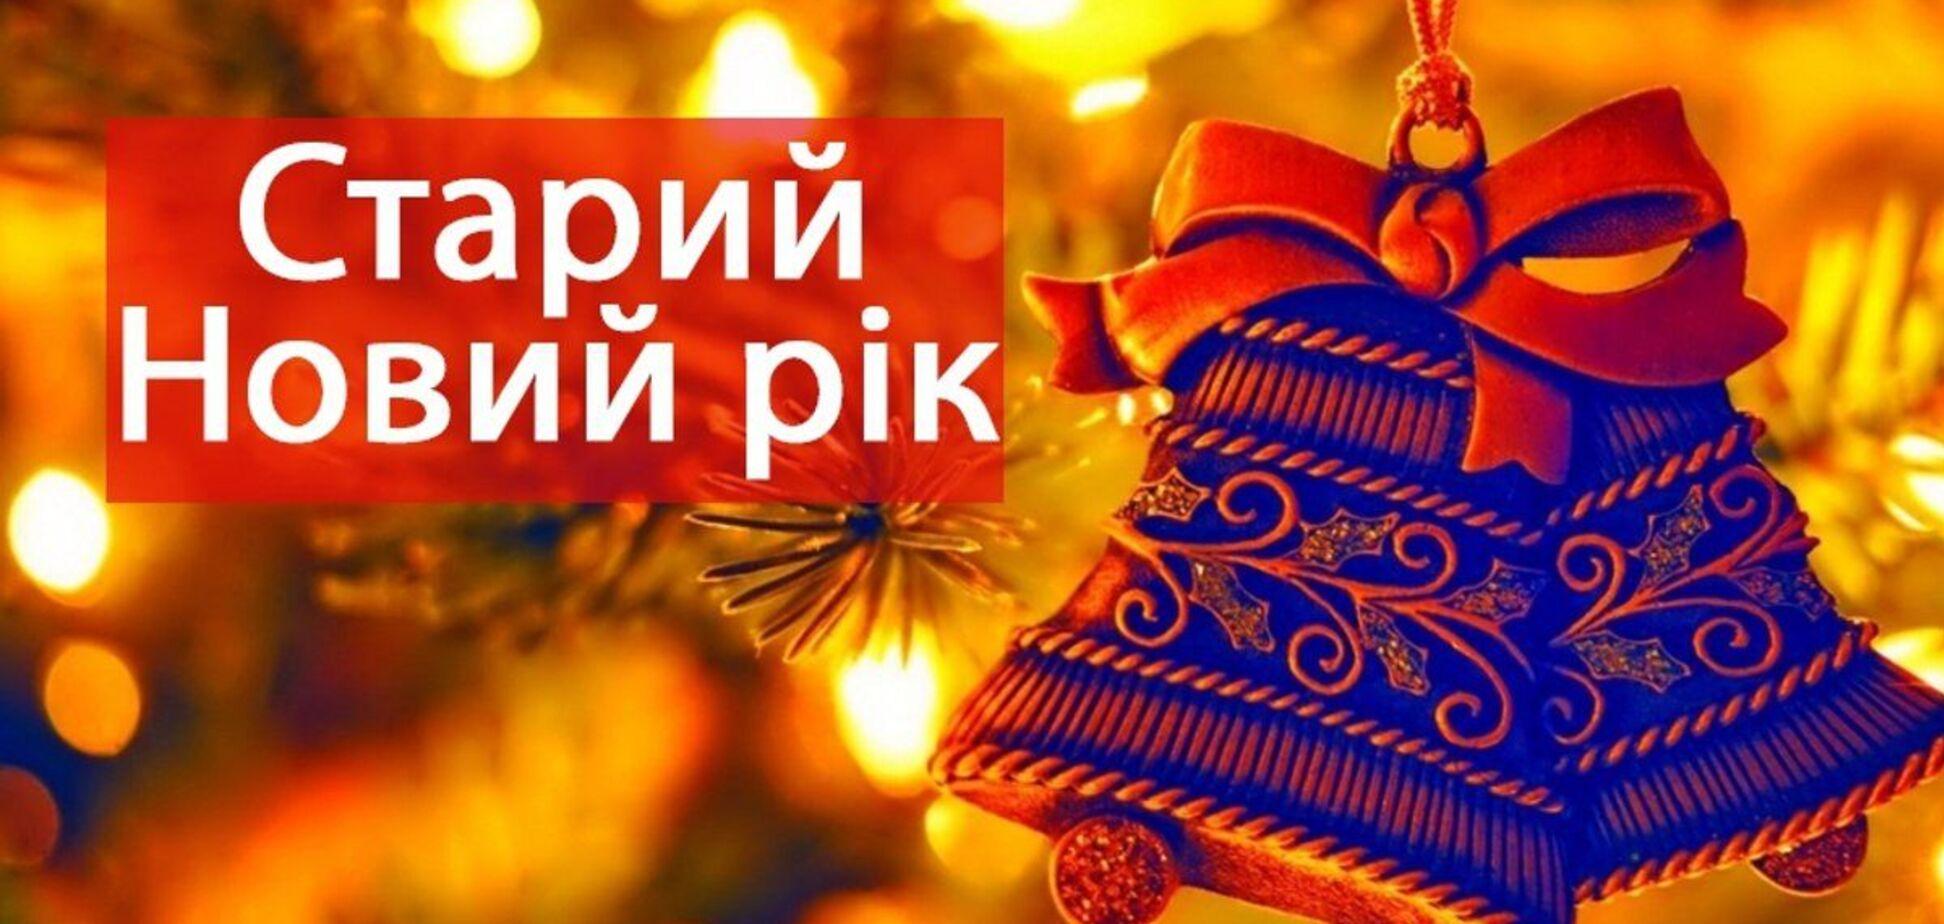 14 января новый год отмечают по юлианскому календарю